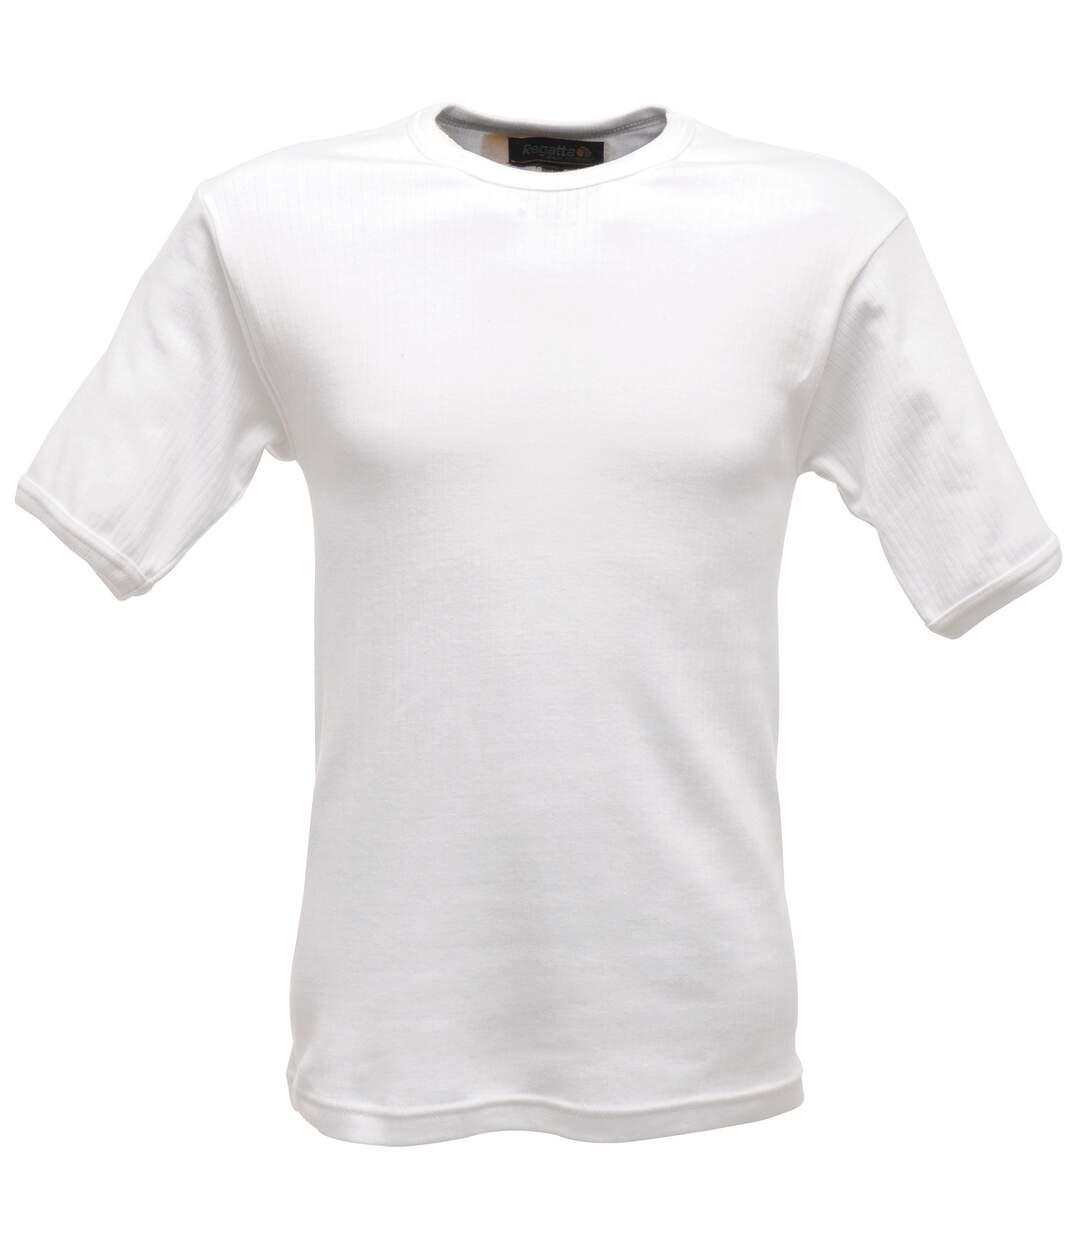 Regatta - T-shirt thermique à manche courtes - Homme (Blanc) - UTRW1258